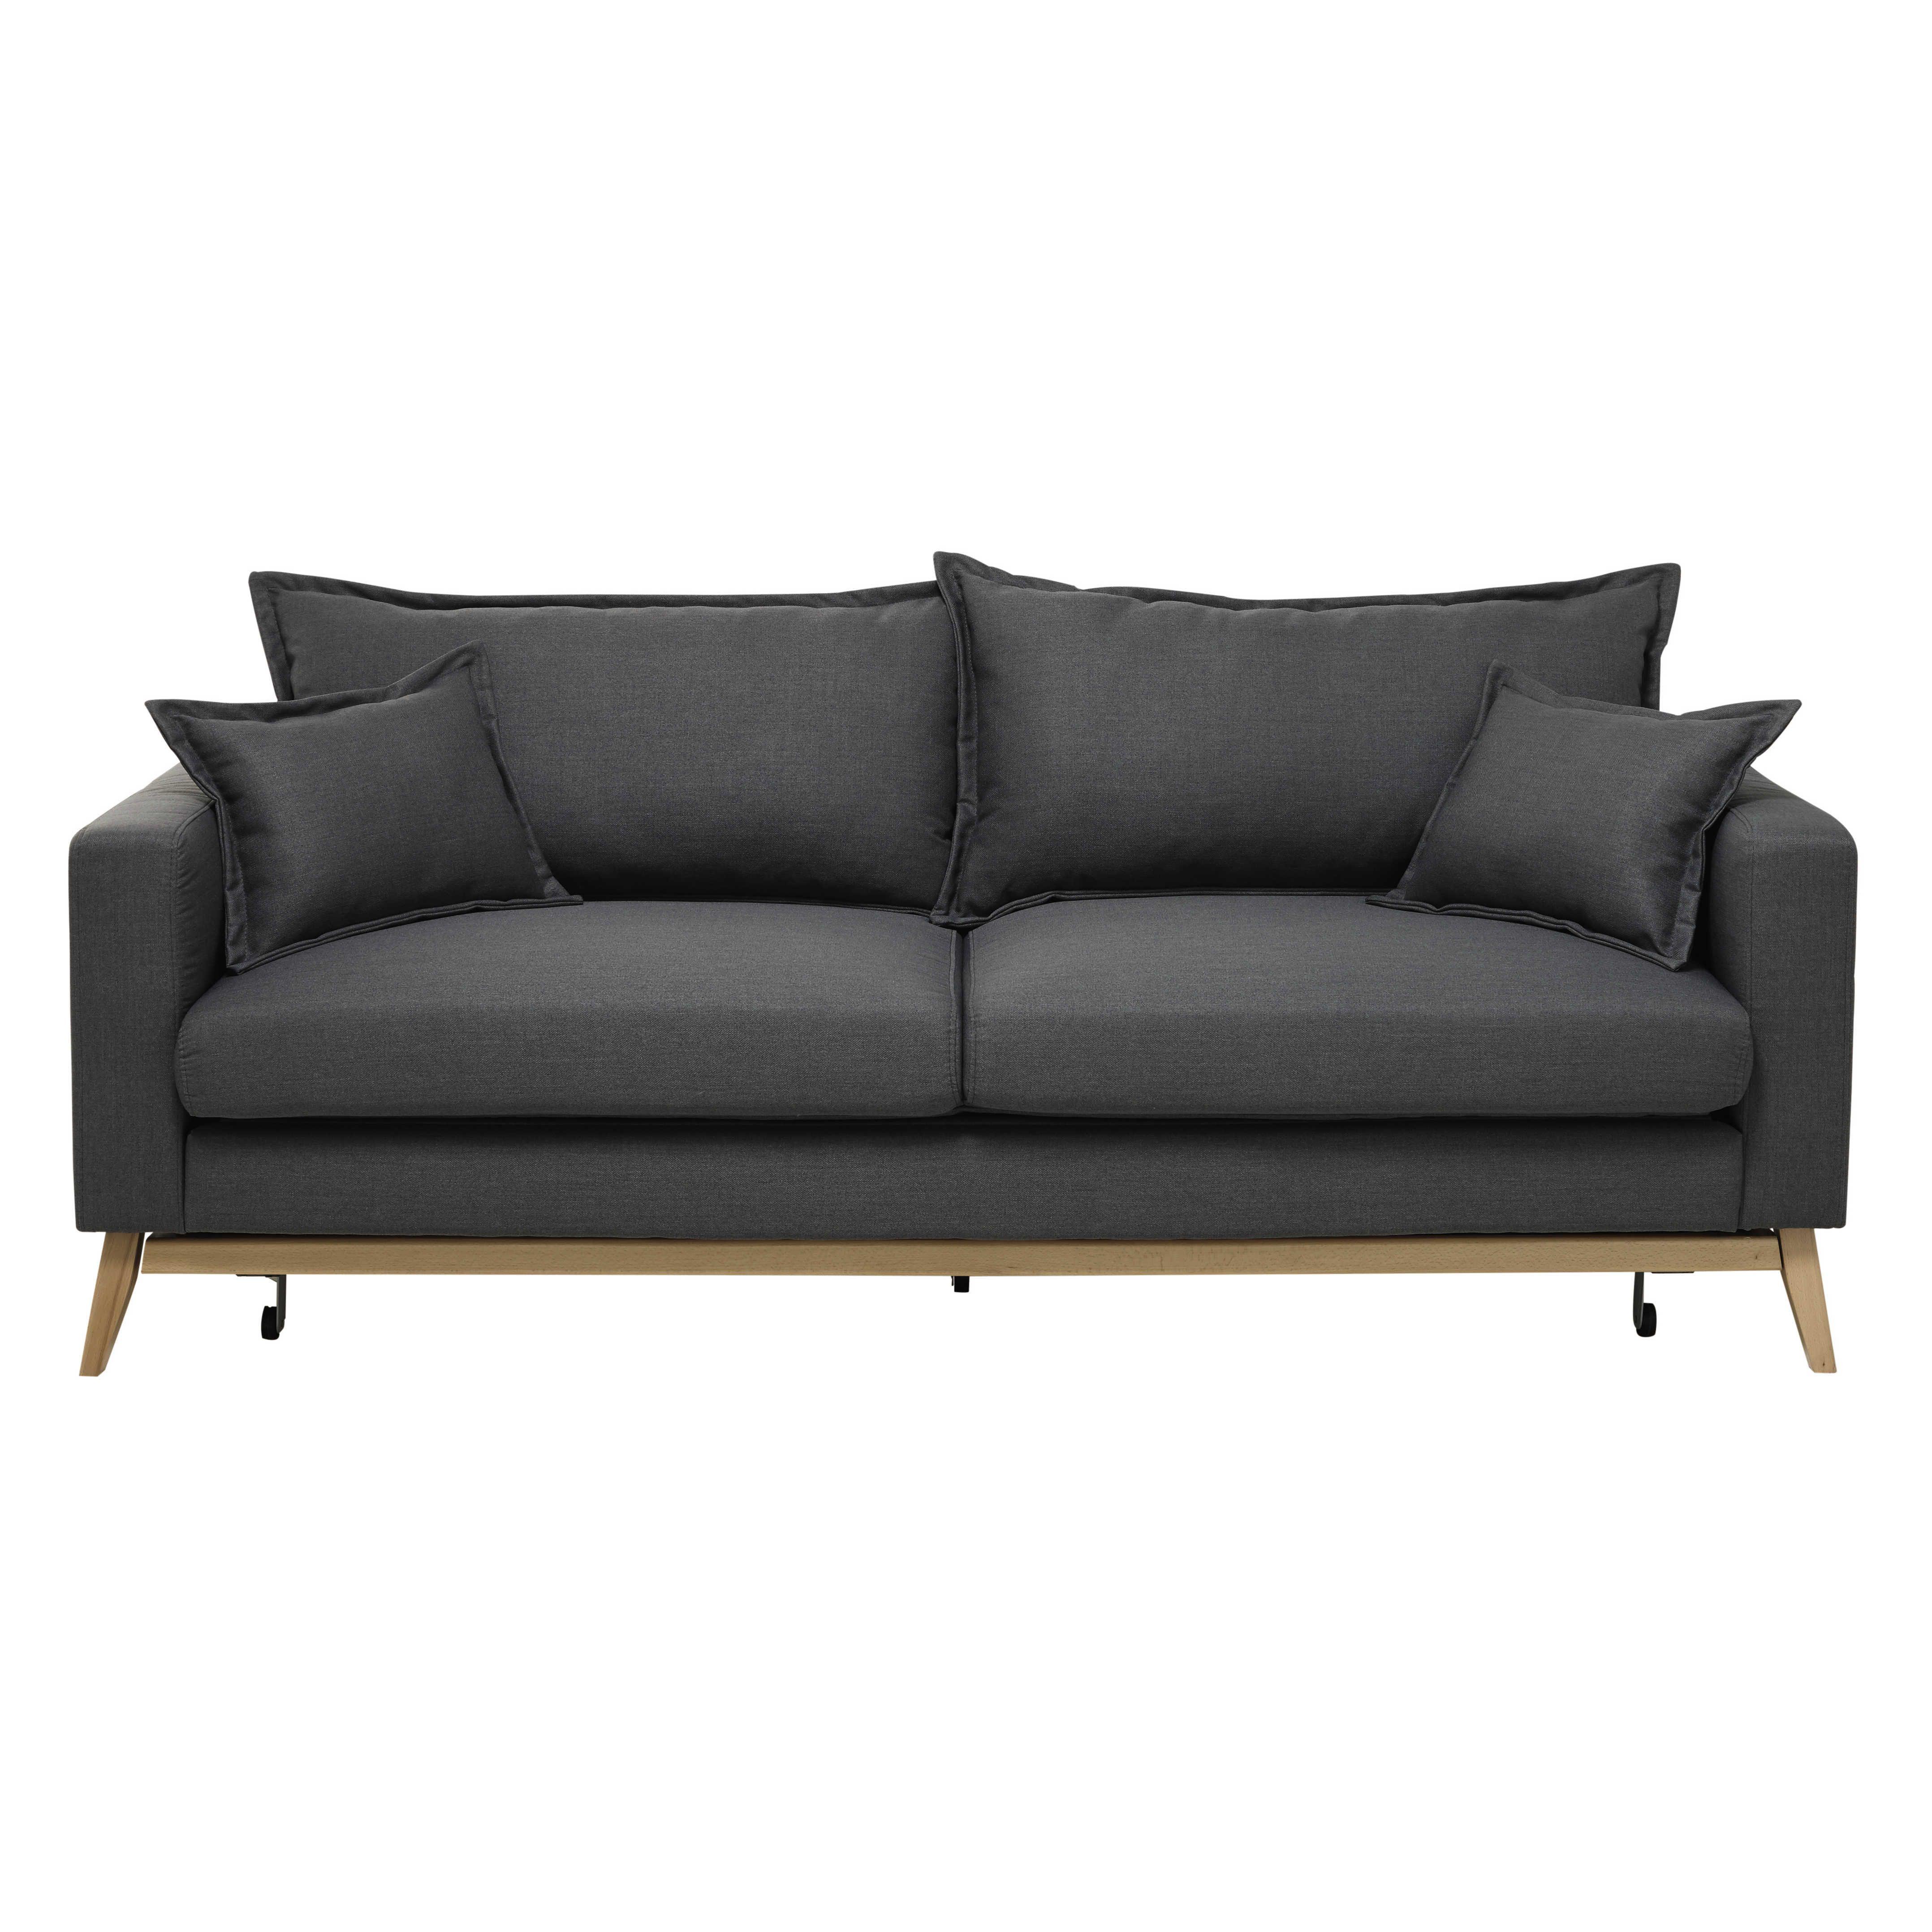 canap lit 3 places gris ardoise tissu gris canap convertible et convertible. Black Bedroom Furniture Sets. Home Design Ideas